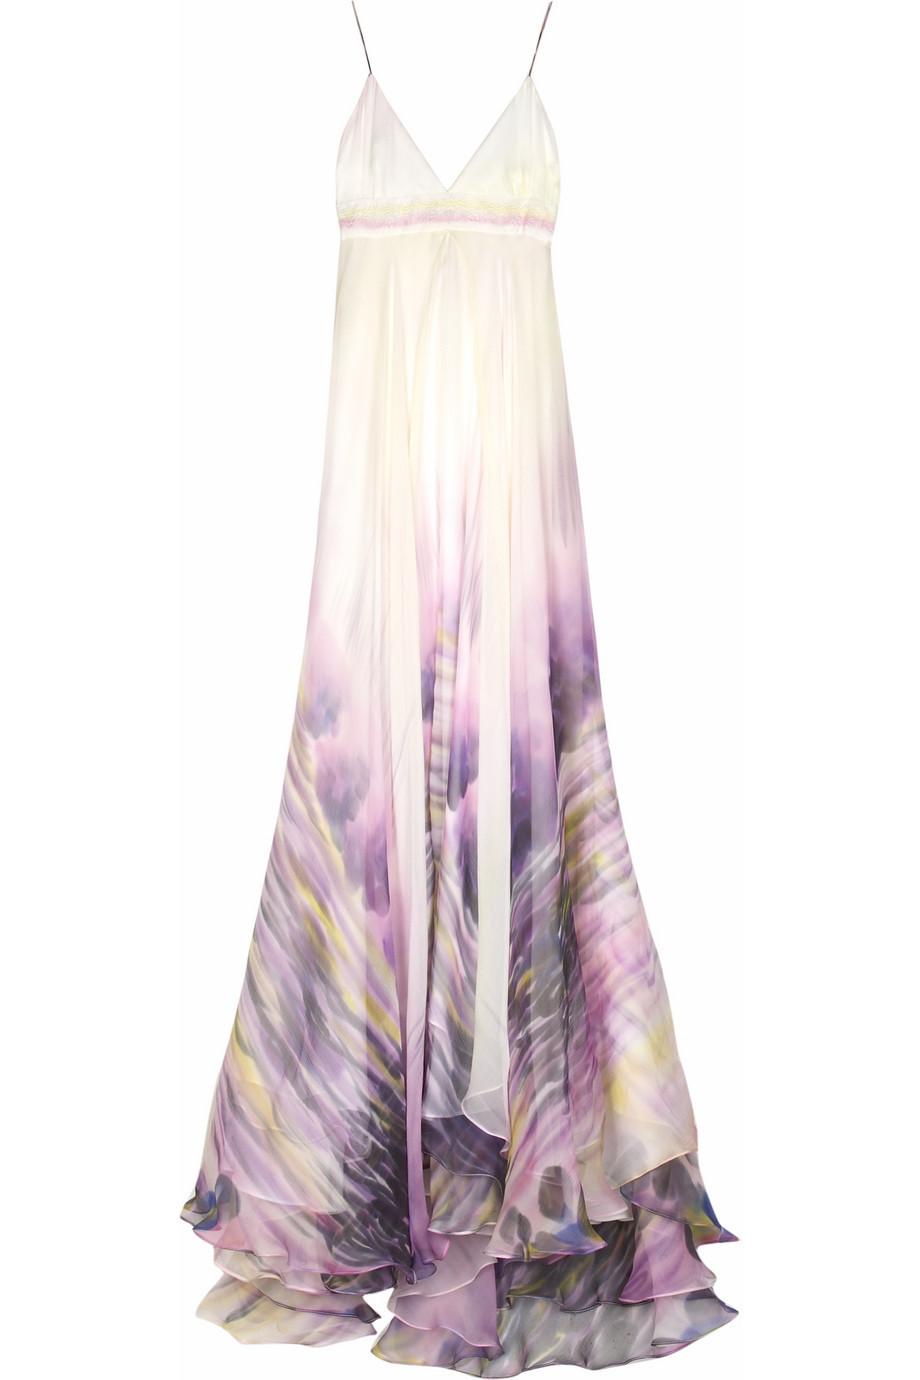 Matthew Williamson Hand painted maxi dress |NET-A-PORTER.COM from net-a-porter.com